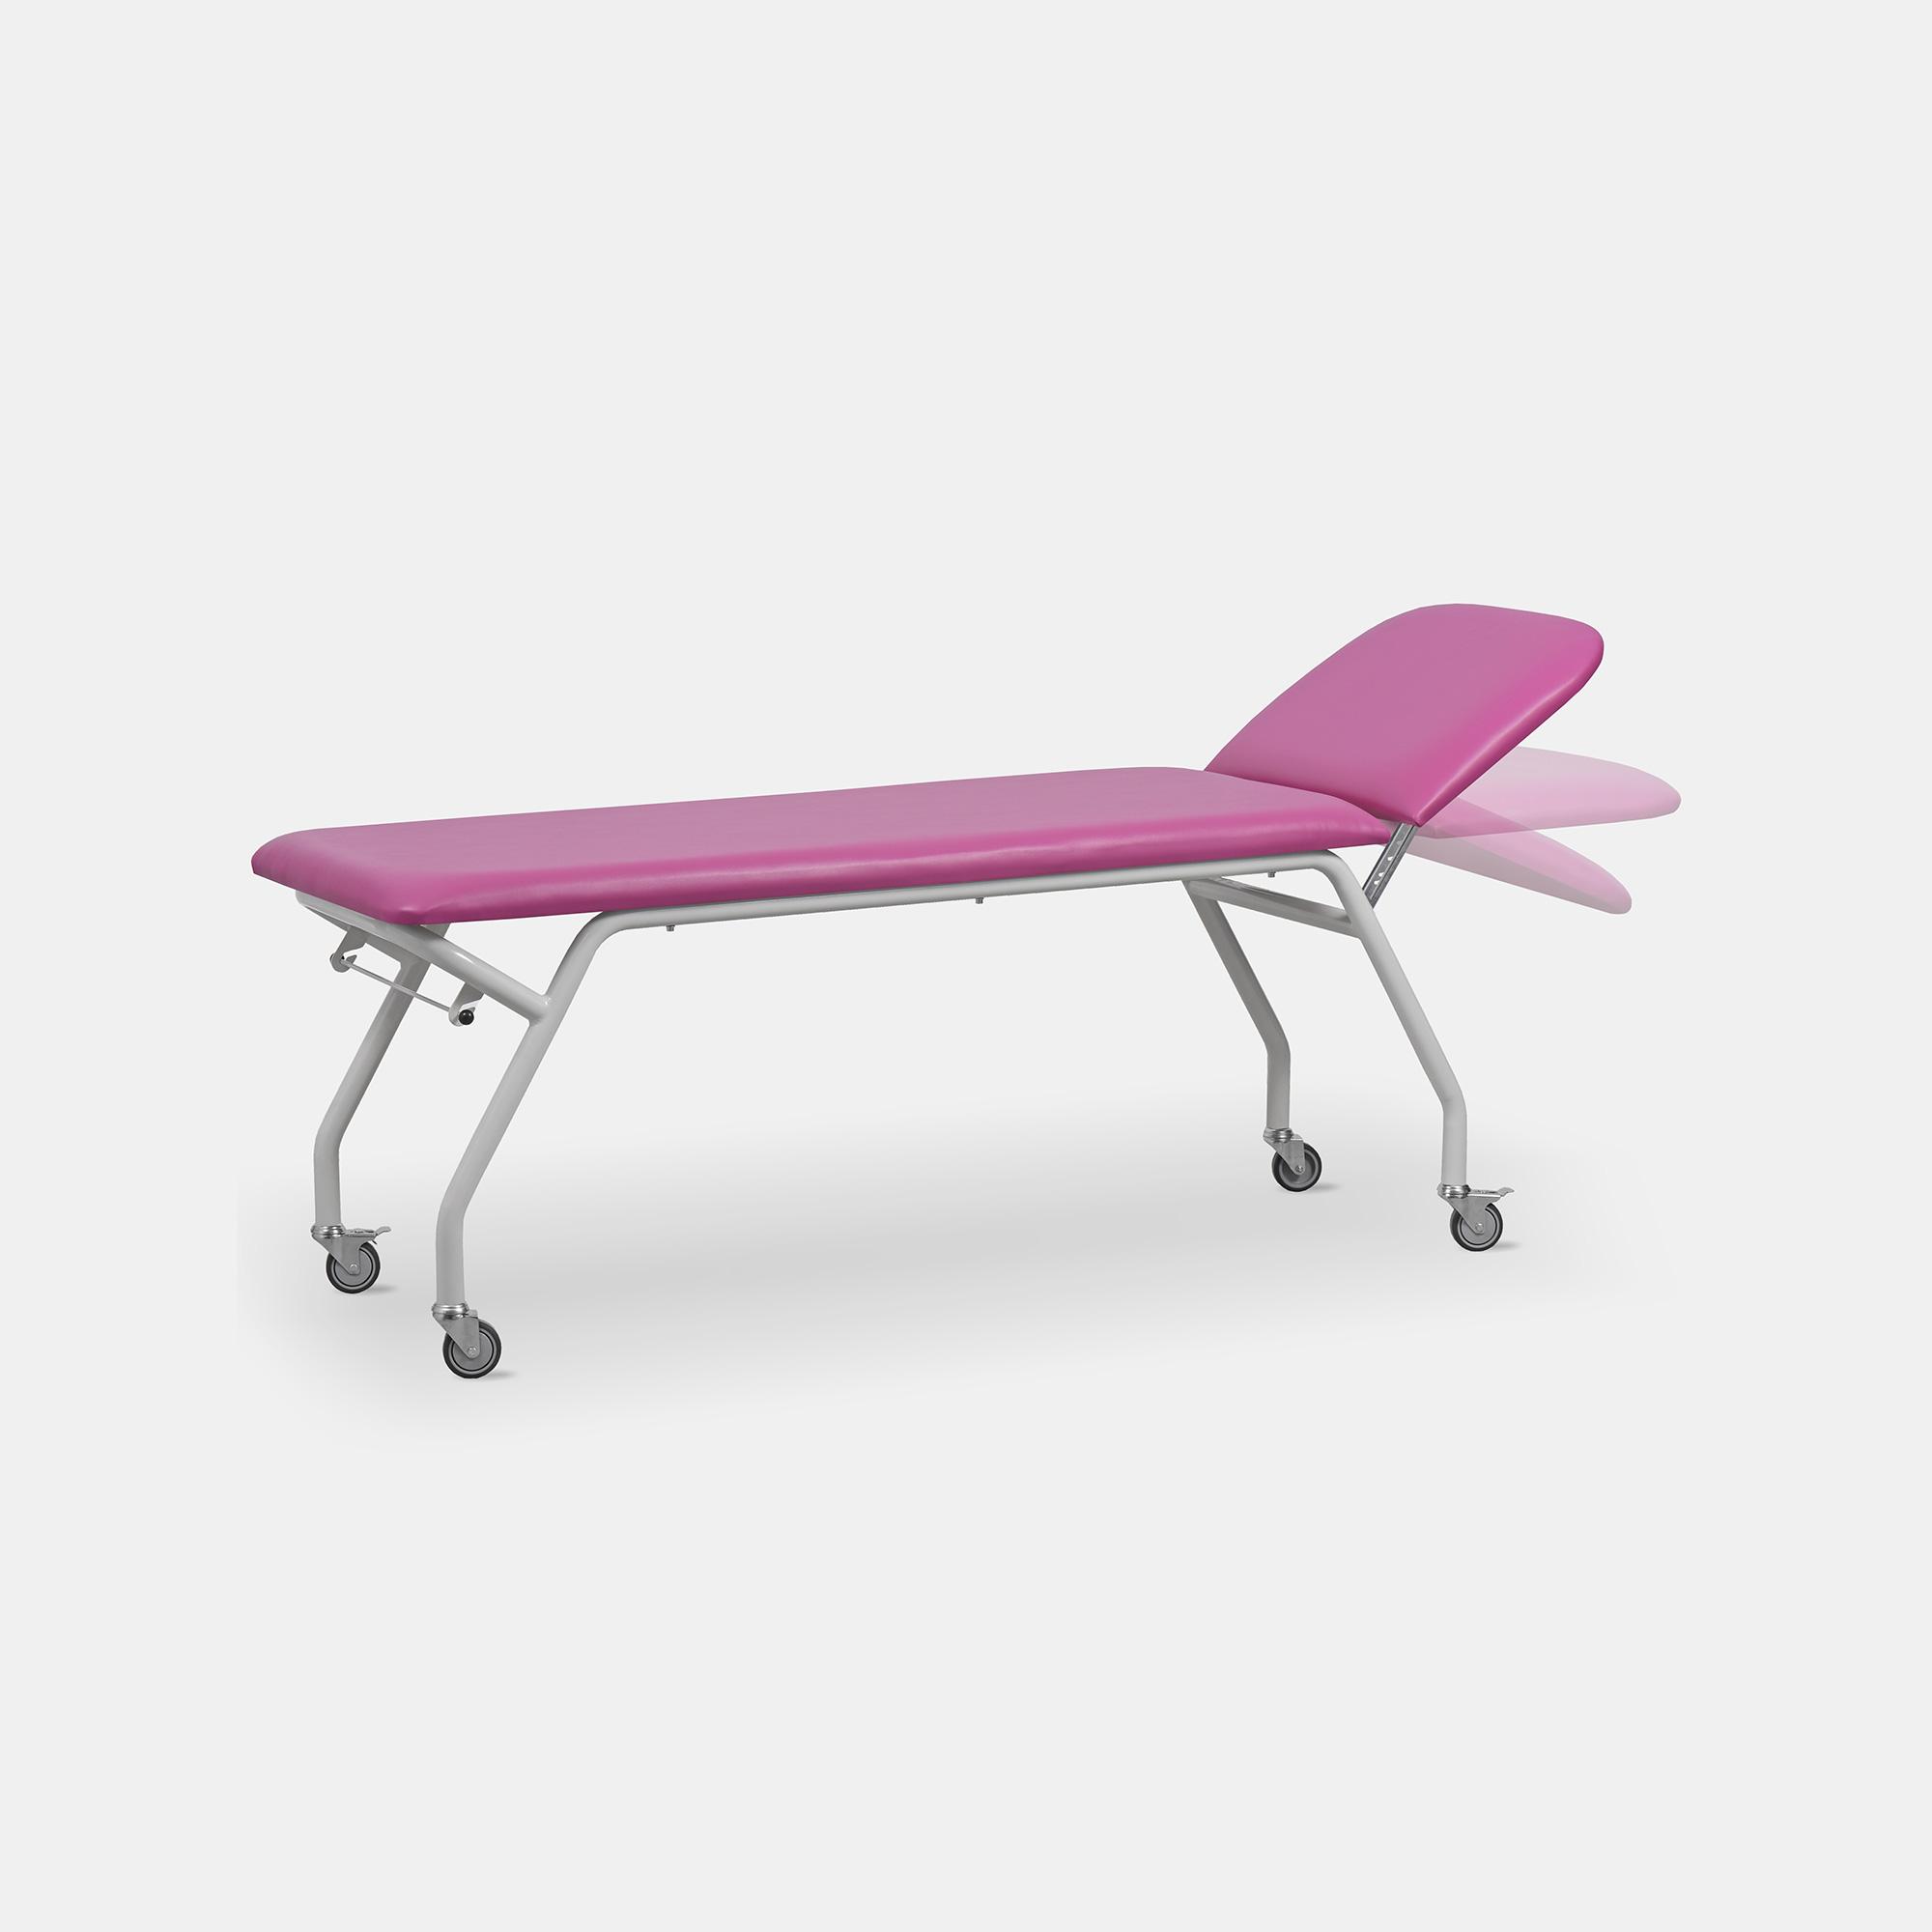 Sto Re Basic kozetka stół do rehabilitacji z kołami i regulacją leża